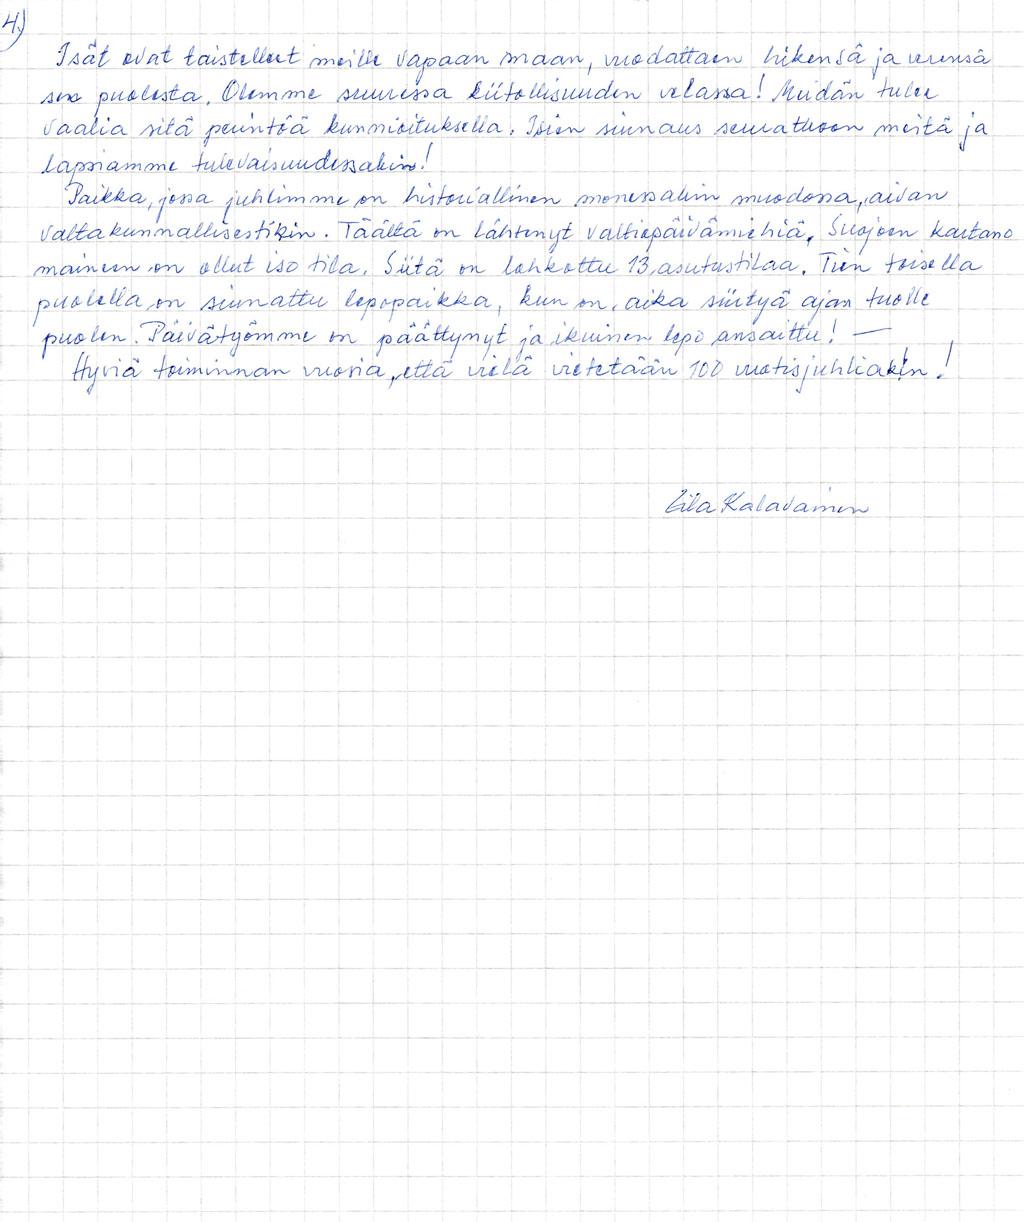 PVY_90v_004